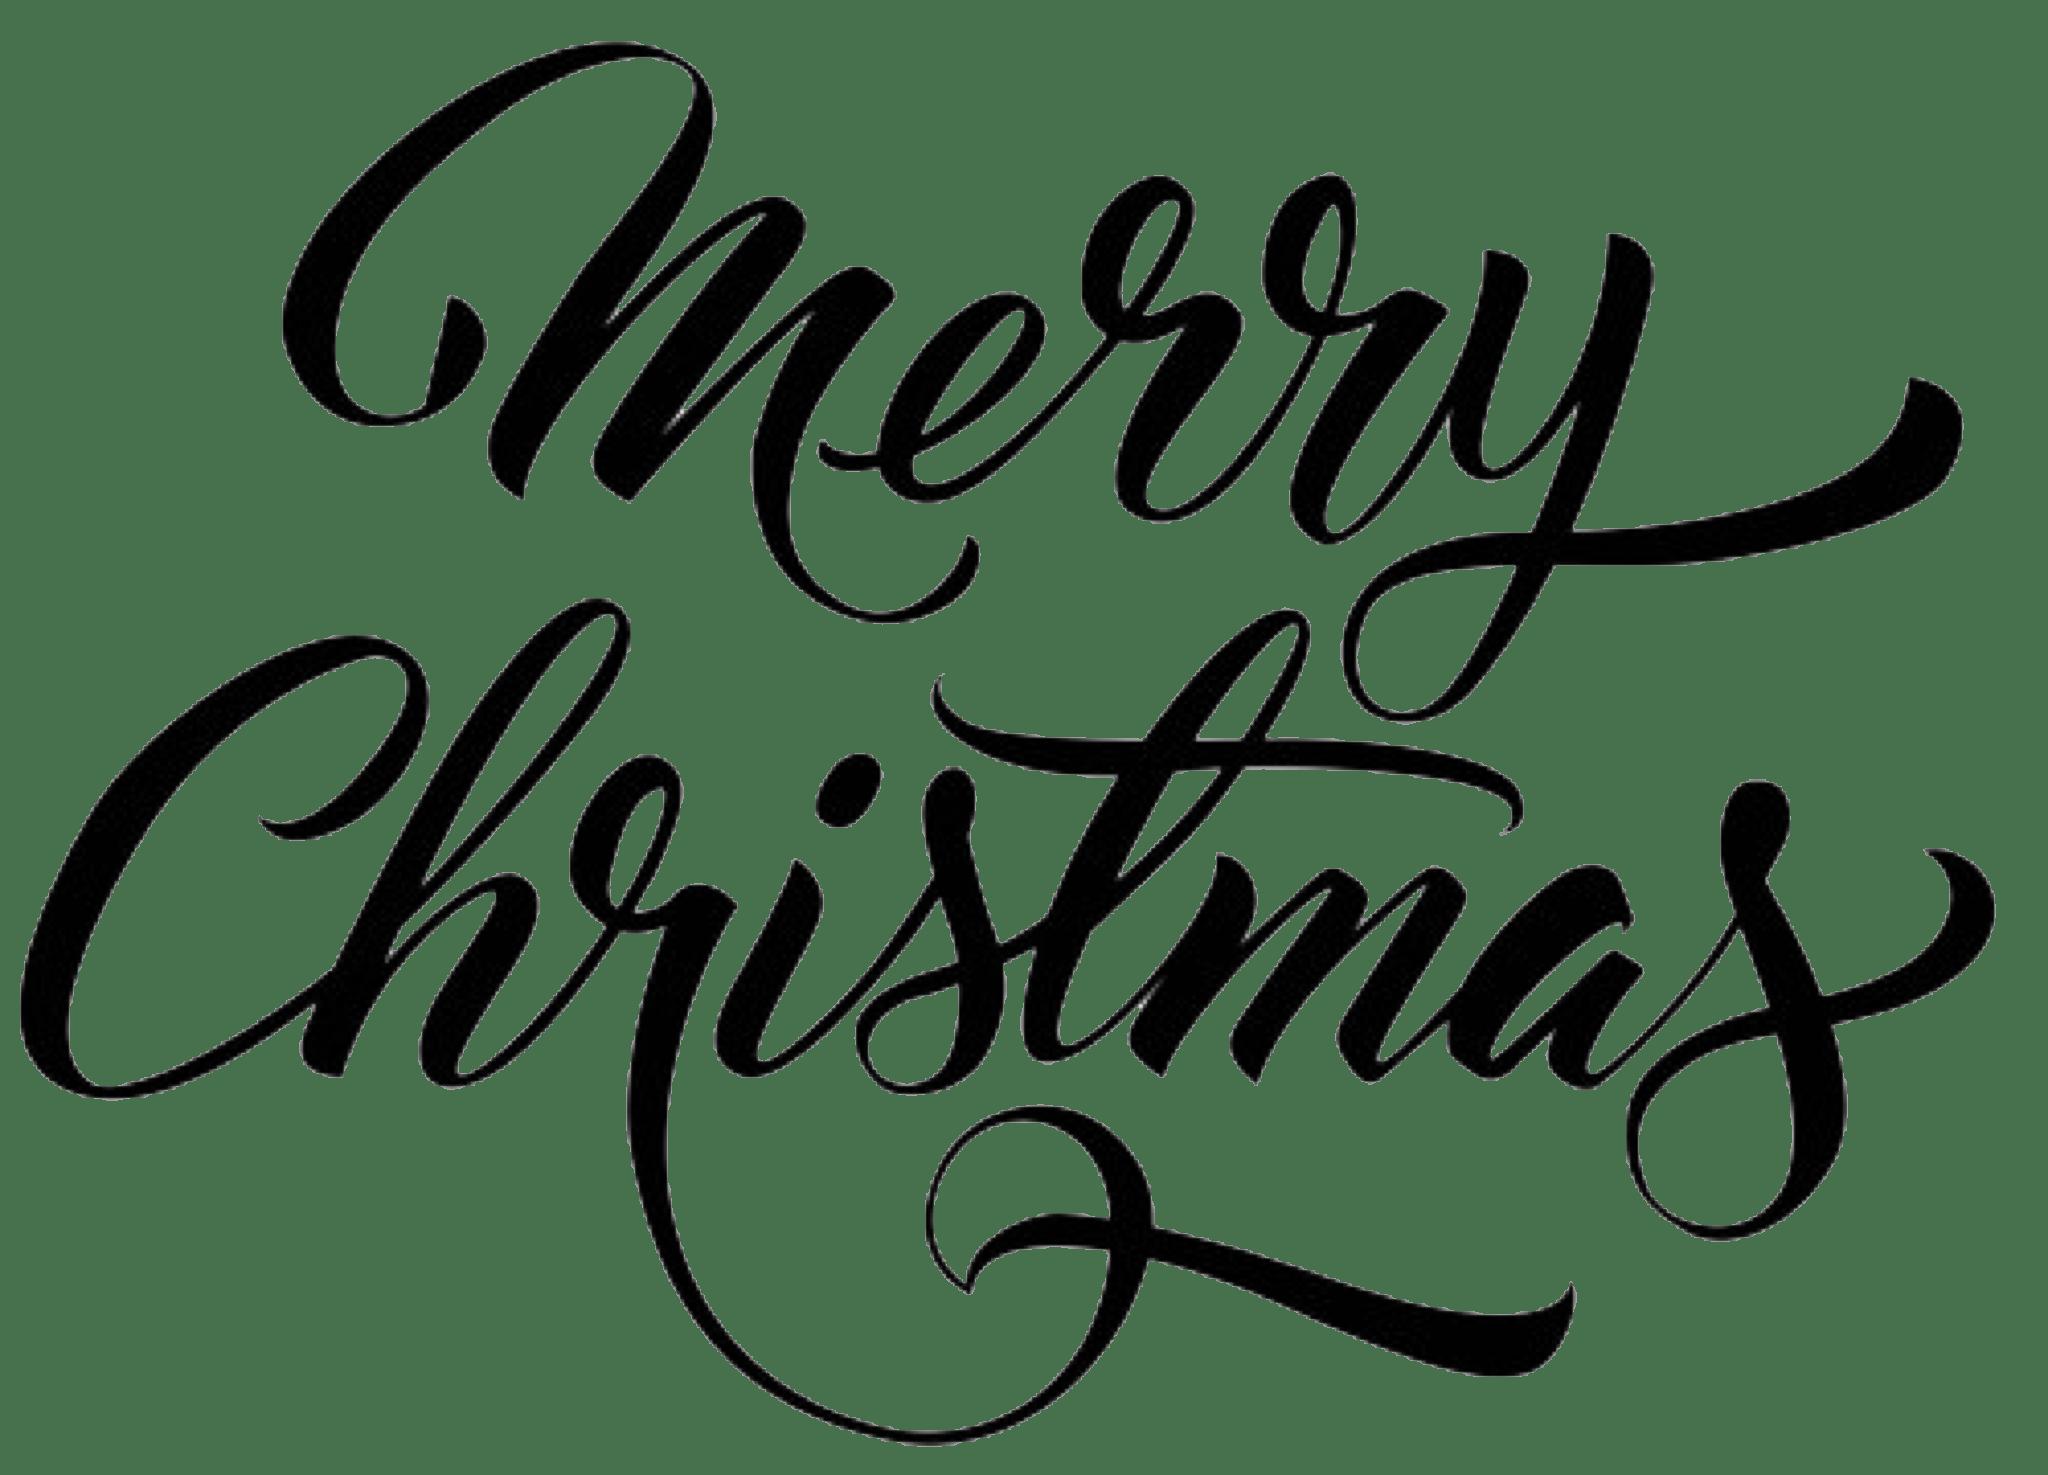 Merry Merrychristmas Xmas Merryxmas Christmas Christmas